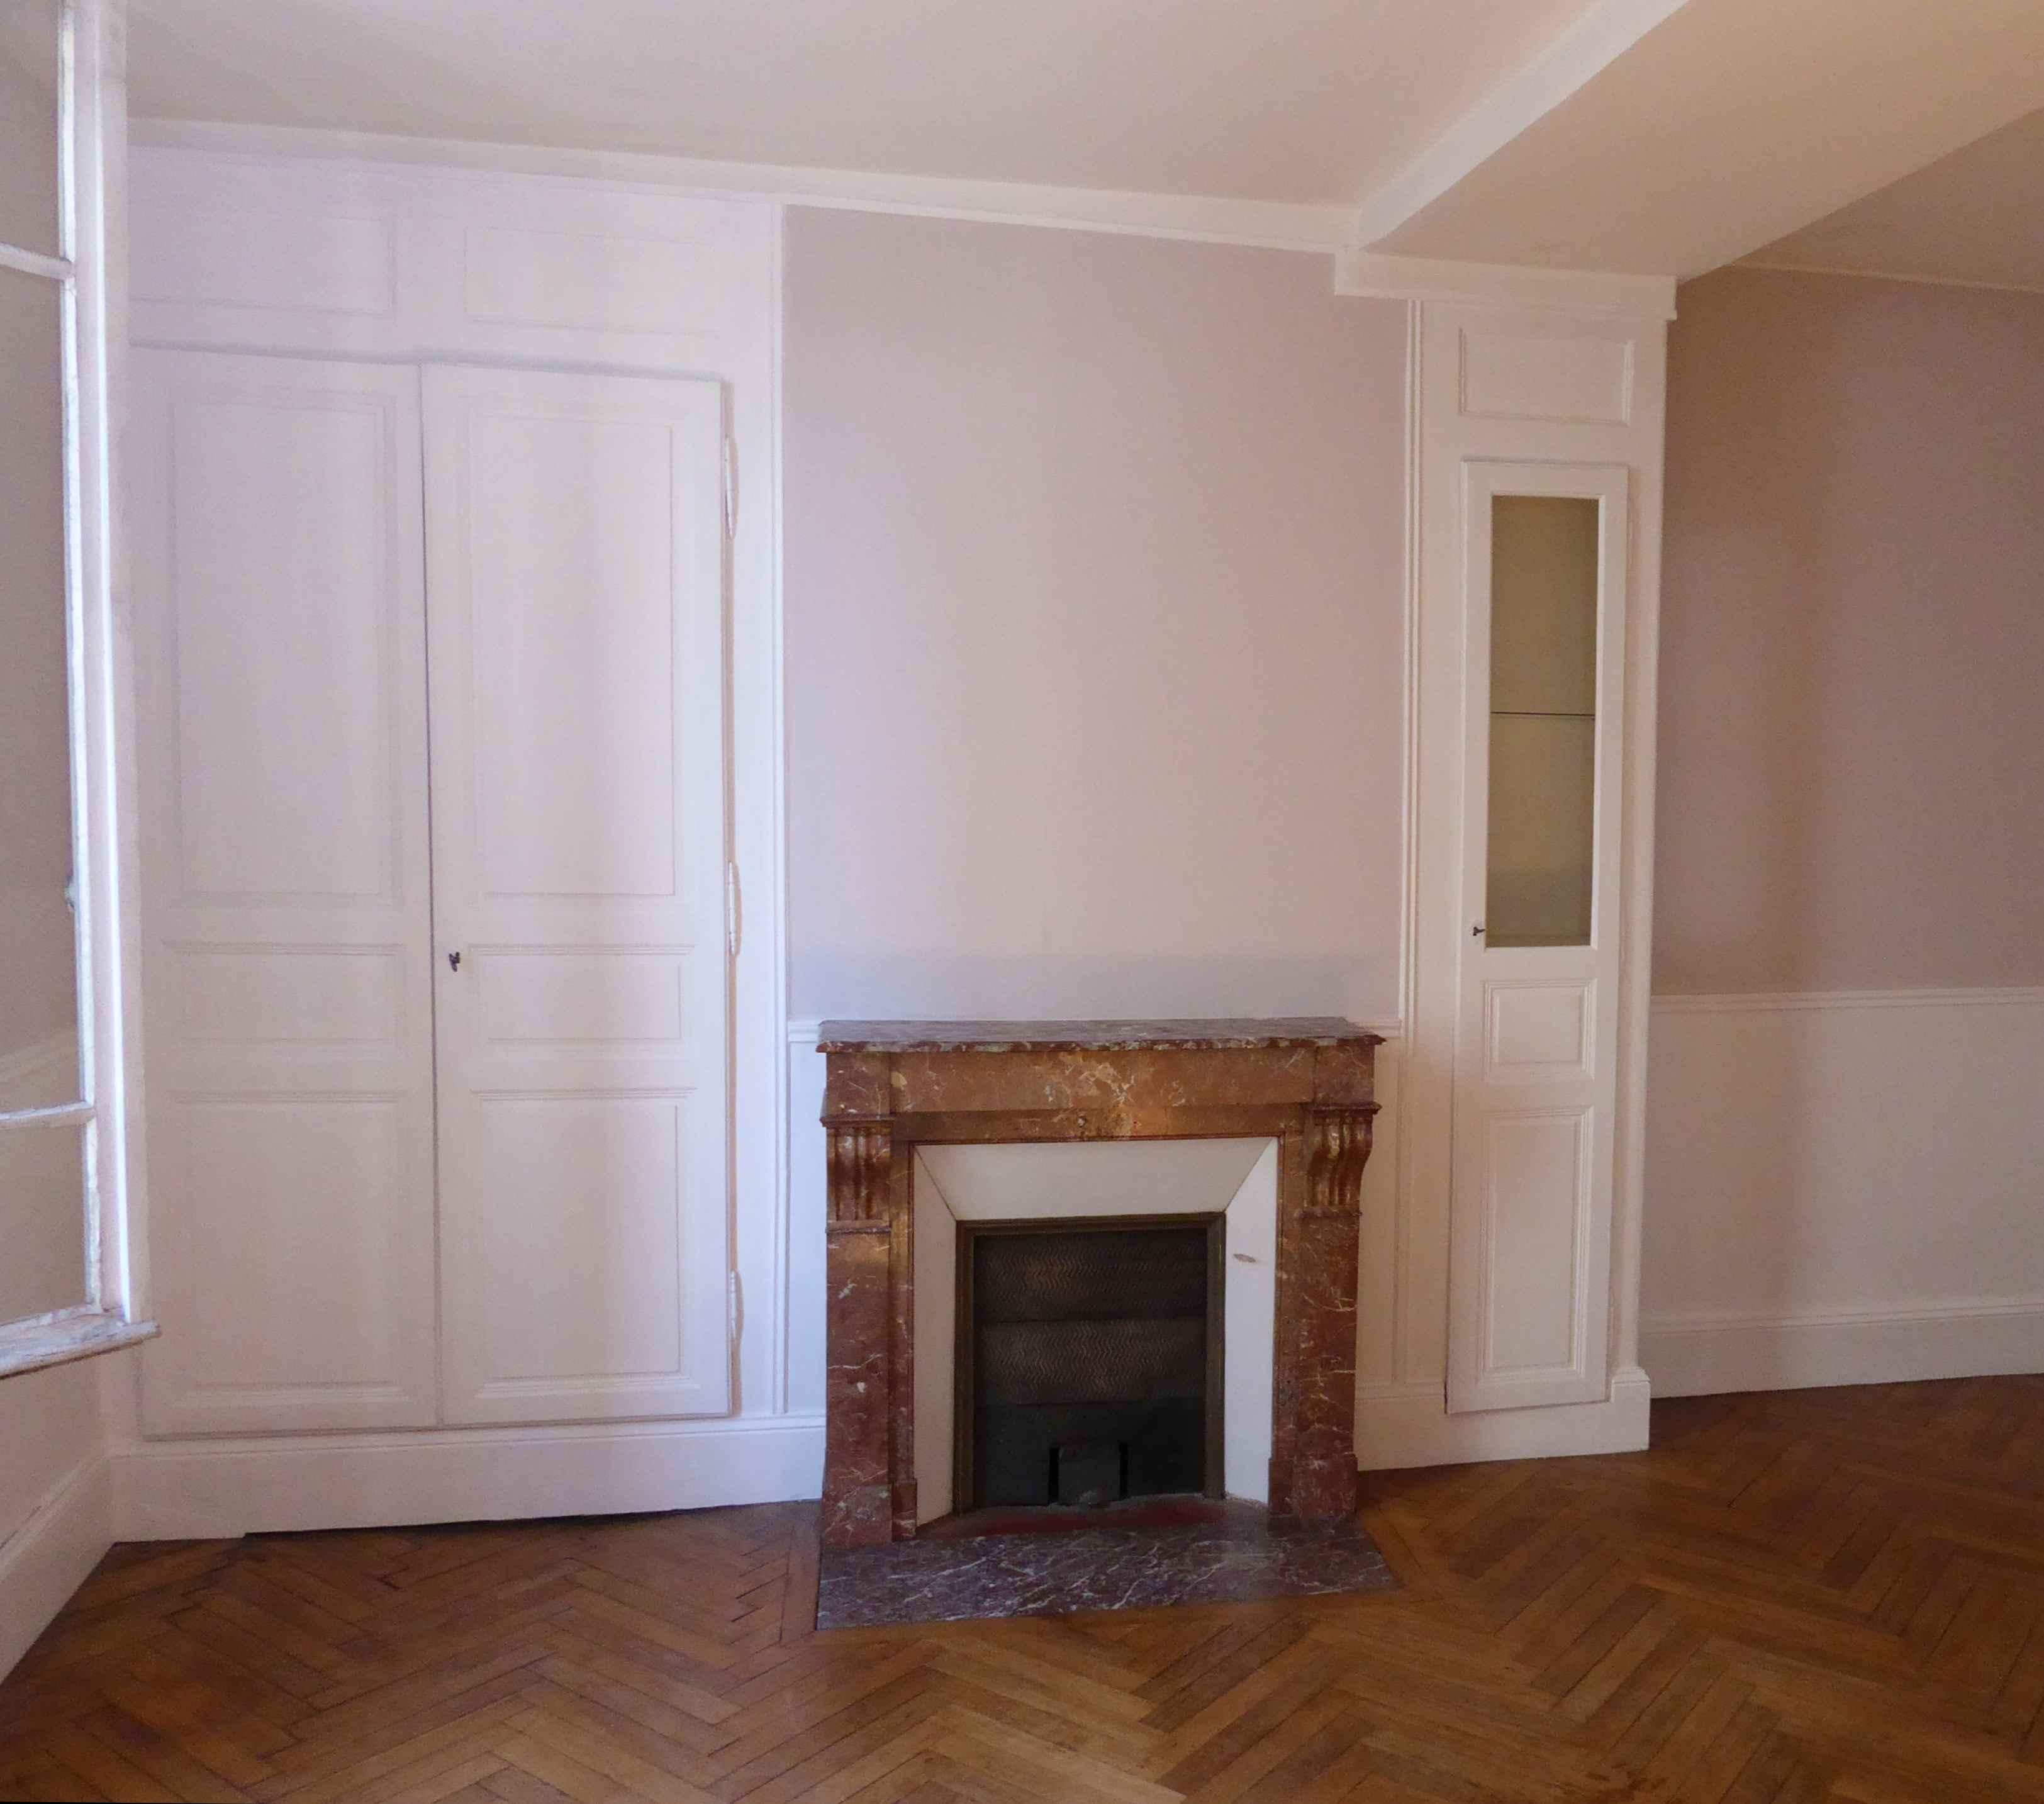 Séjour_murs_gris-beige_A-tous-les-étages